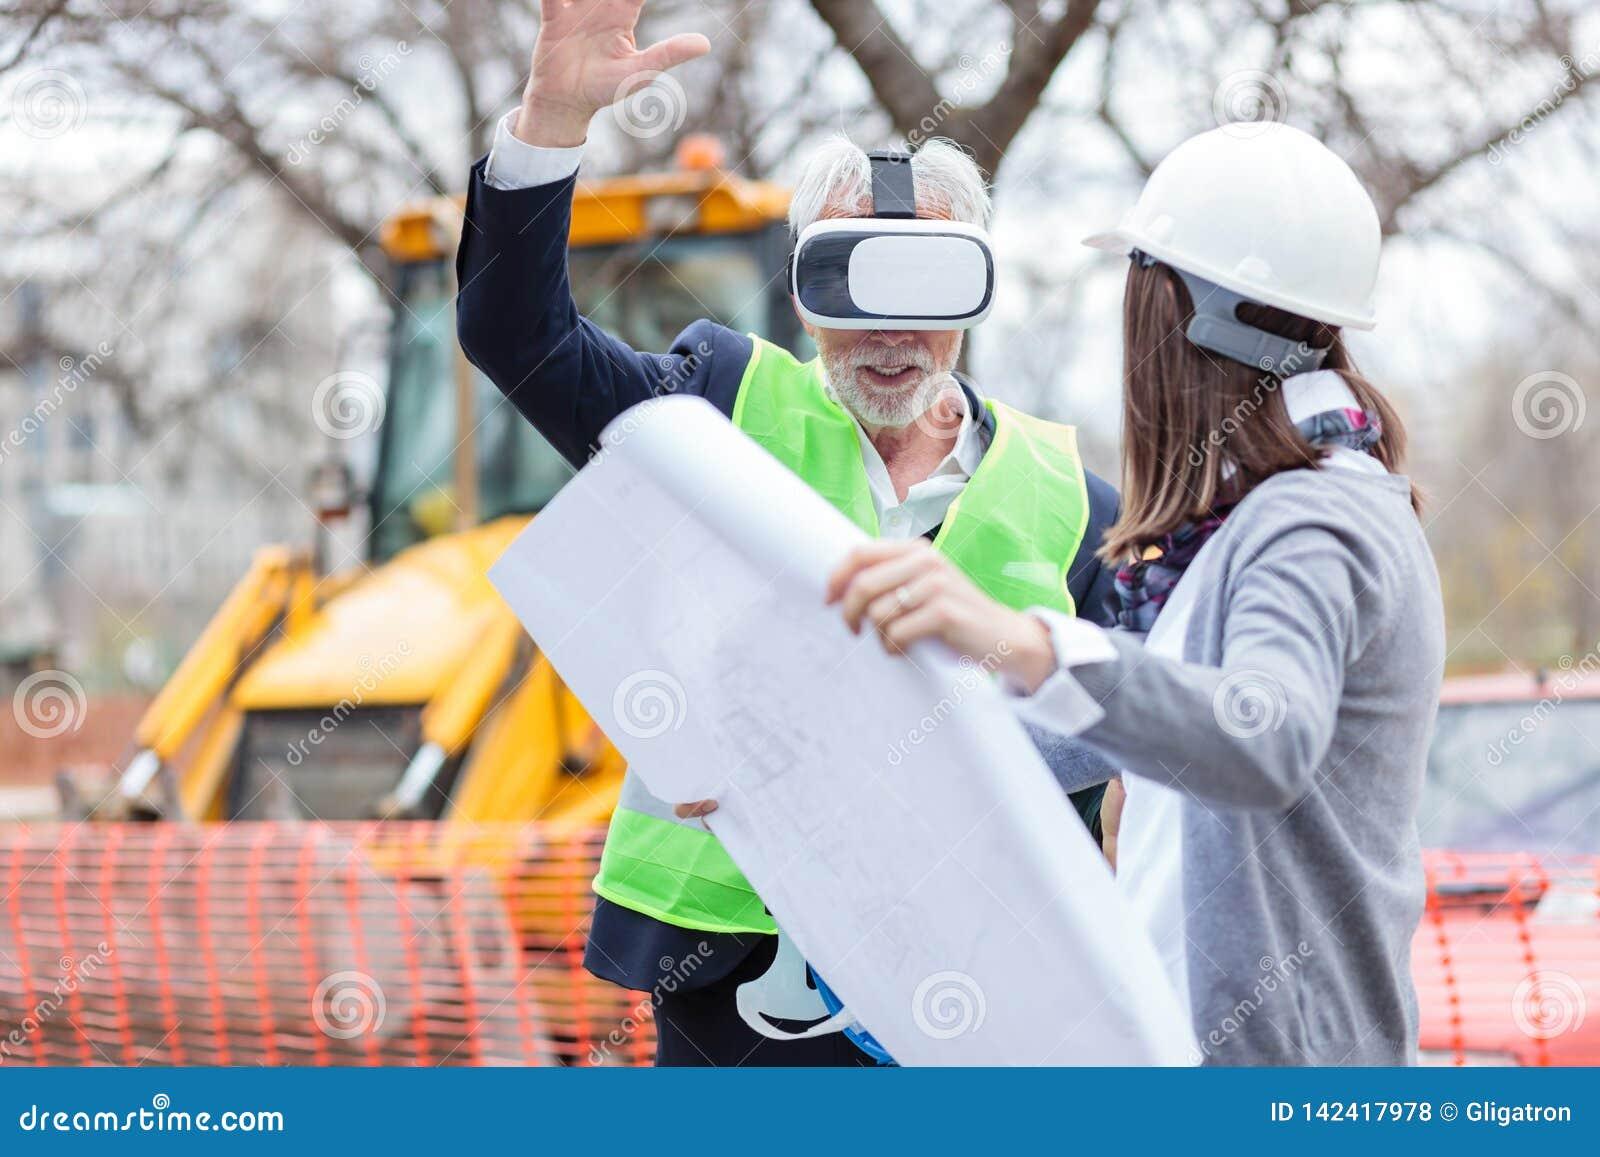 Älterer Architekt oder Geschäftsmann, der Schutzbrillen der virtuellen Realität auf einer Baustelle verwendet